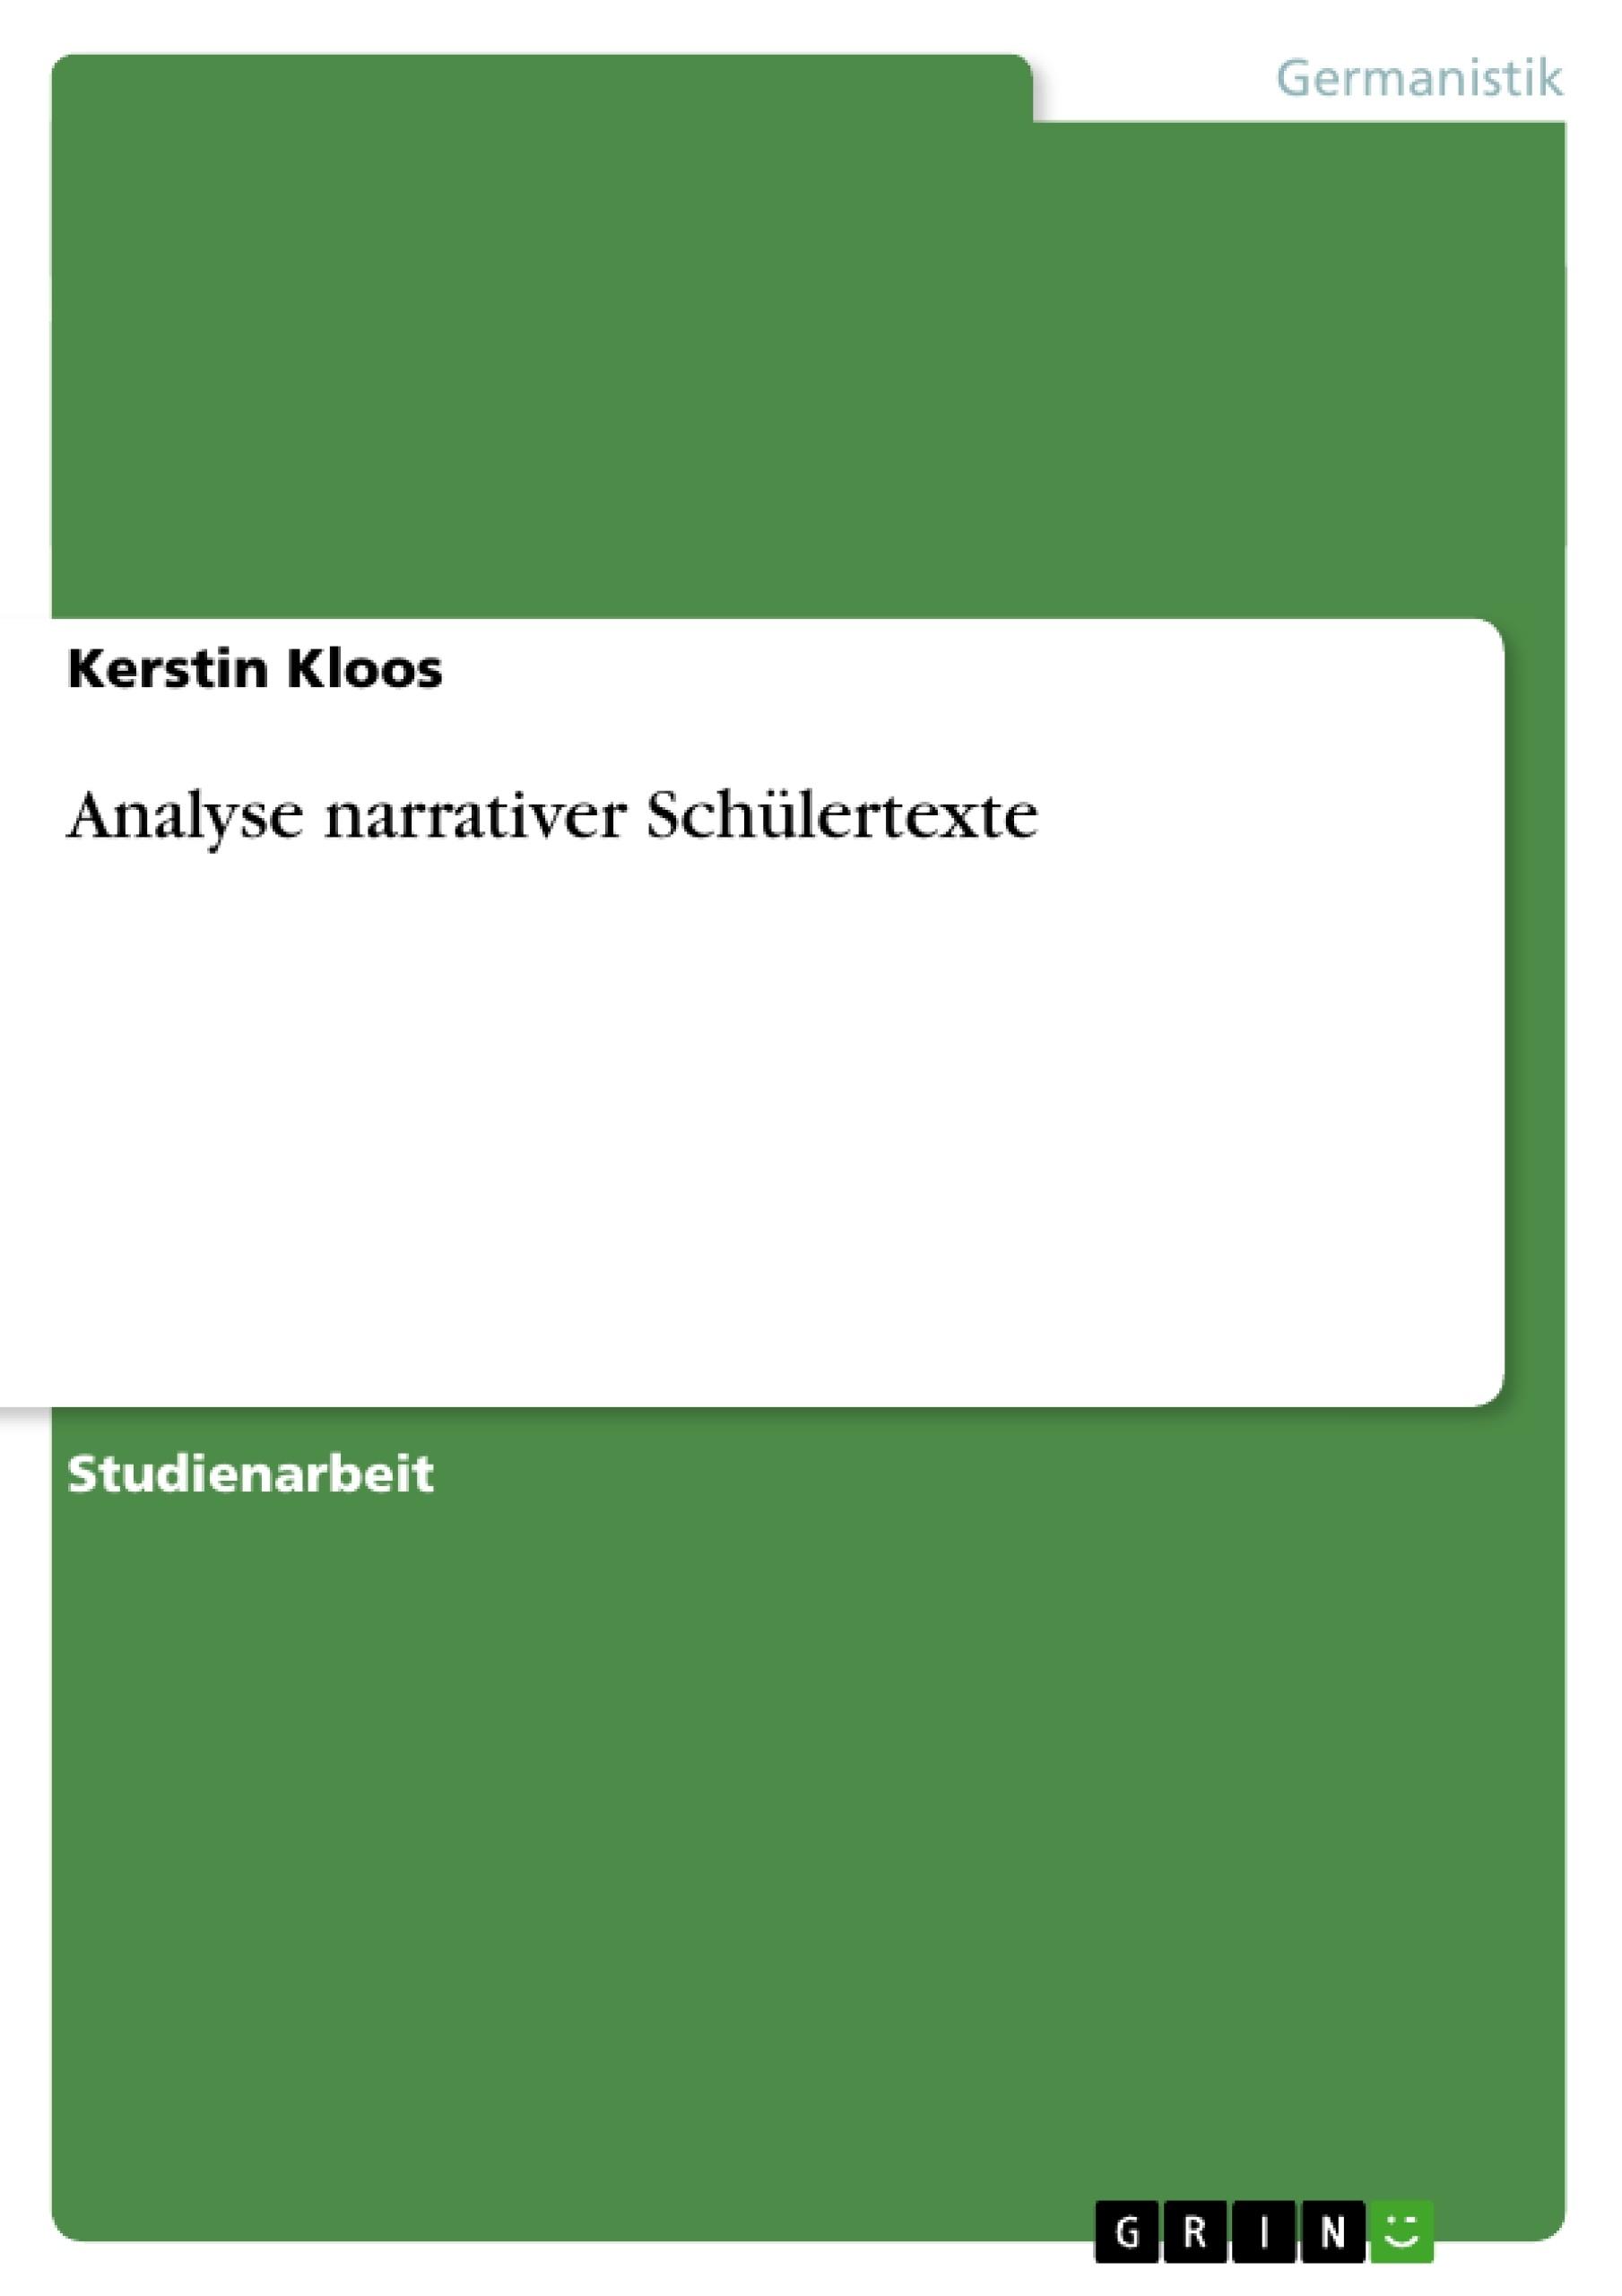 Titel: Analyse narrativer Schülertexte